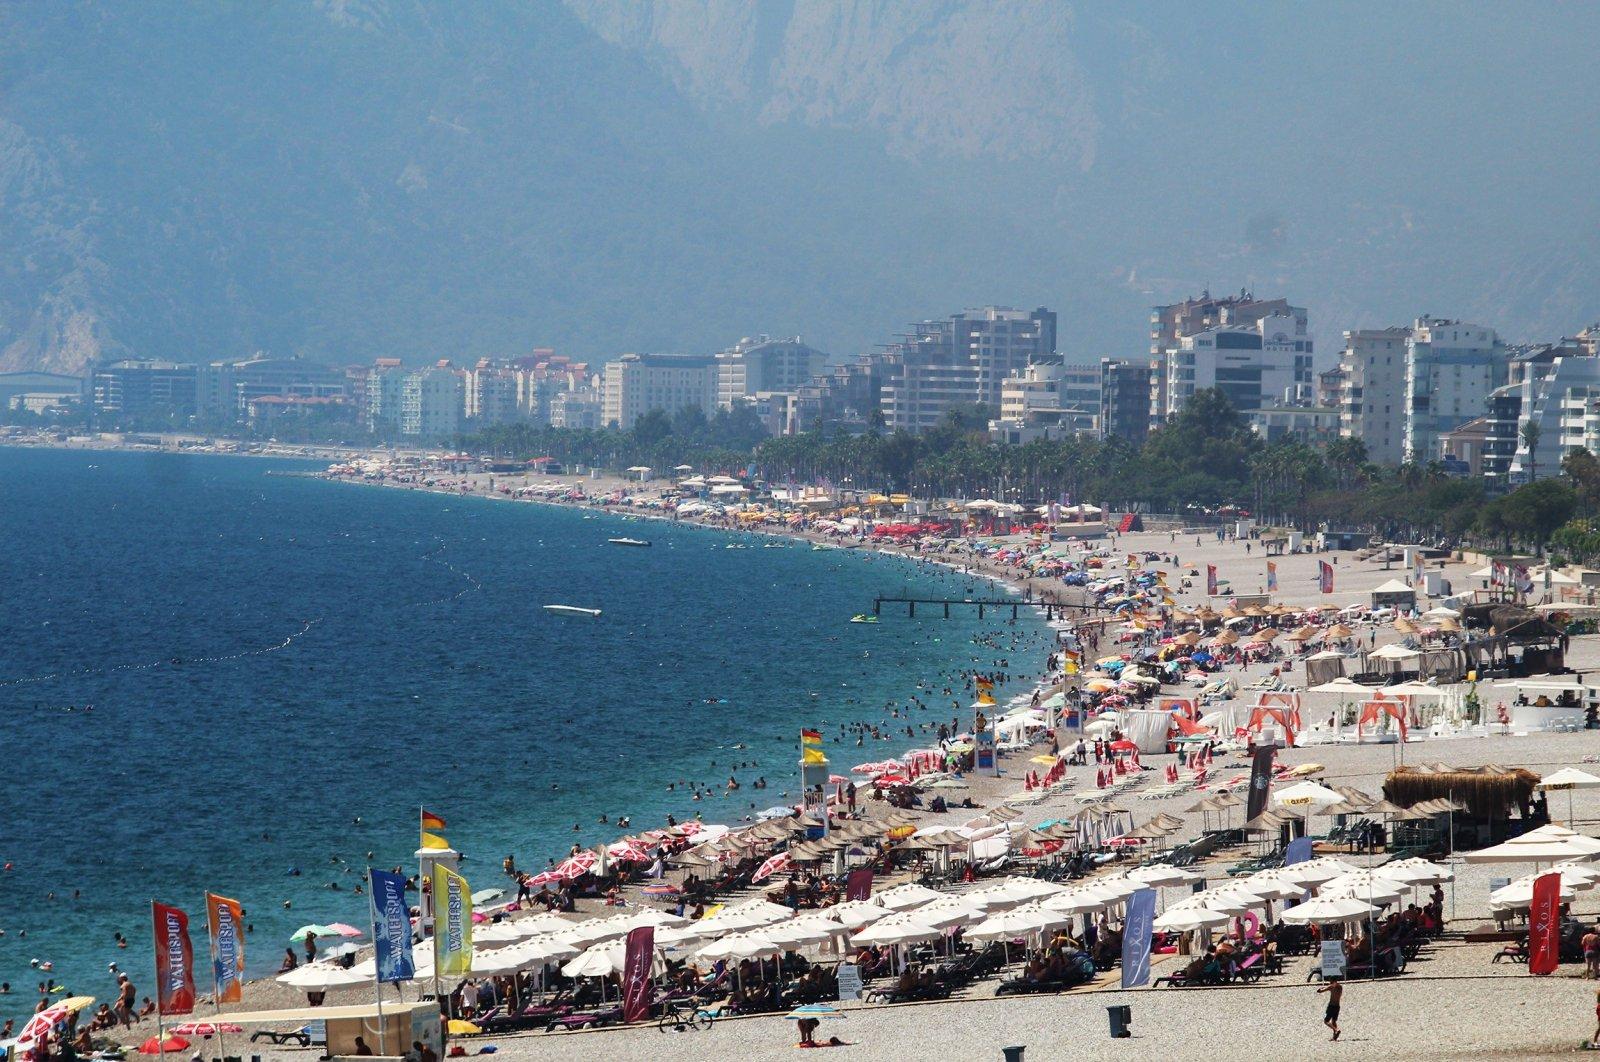 People in Antalya's Konyaaltı beach, Aug. 29, 2020. (IHA Photo)